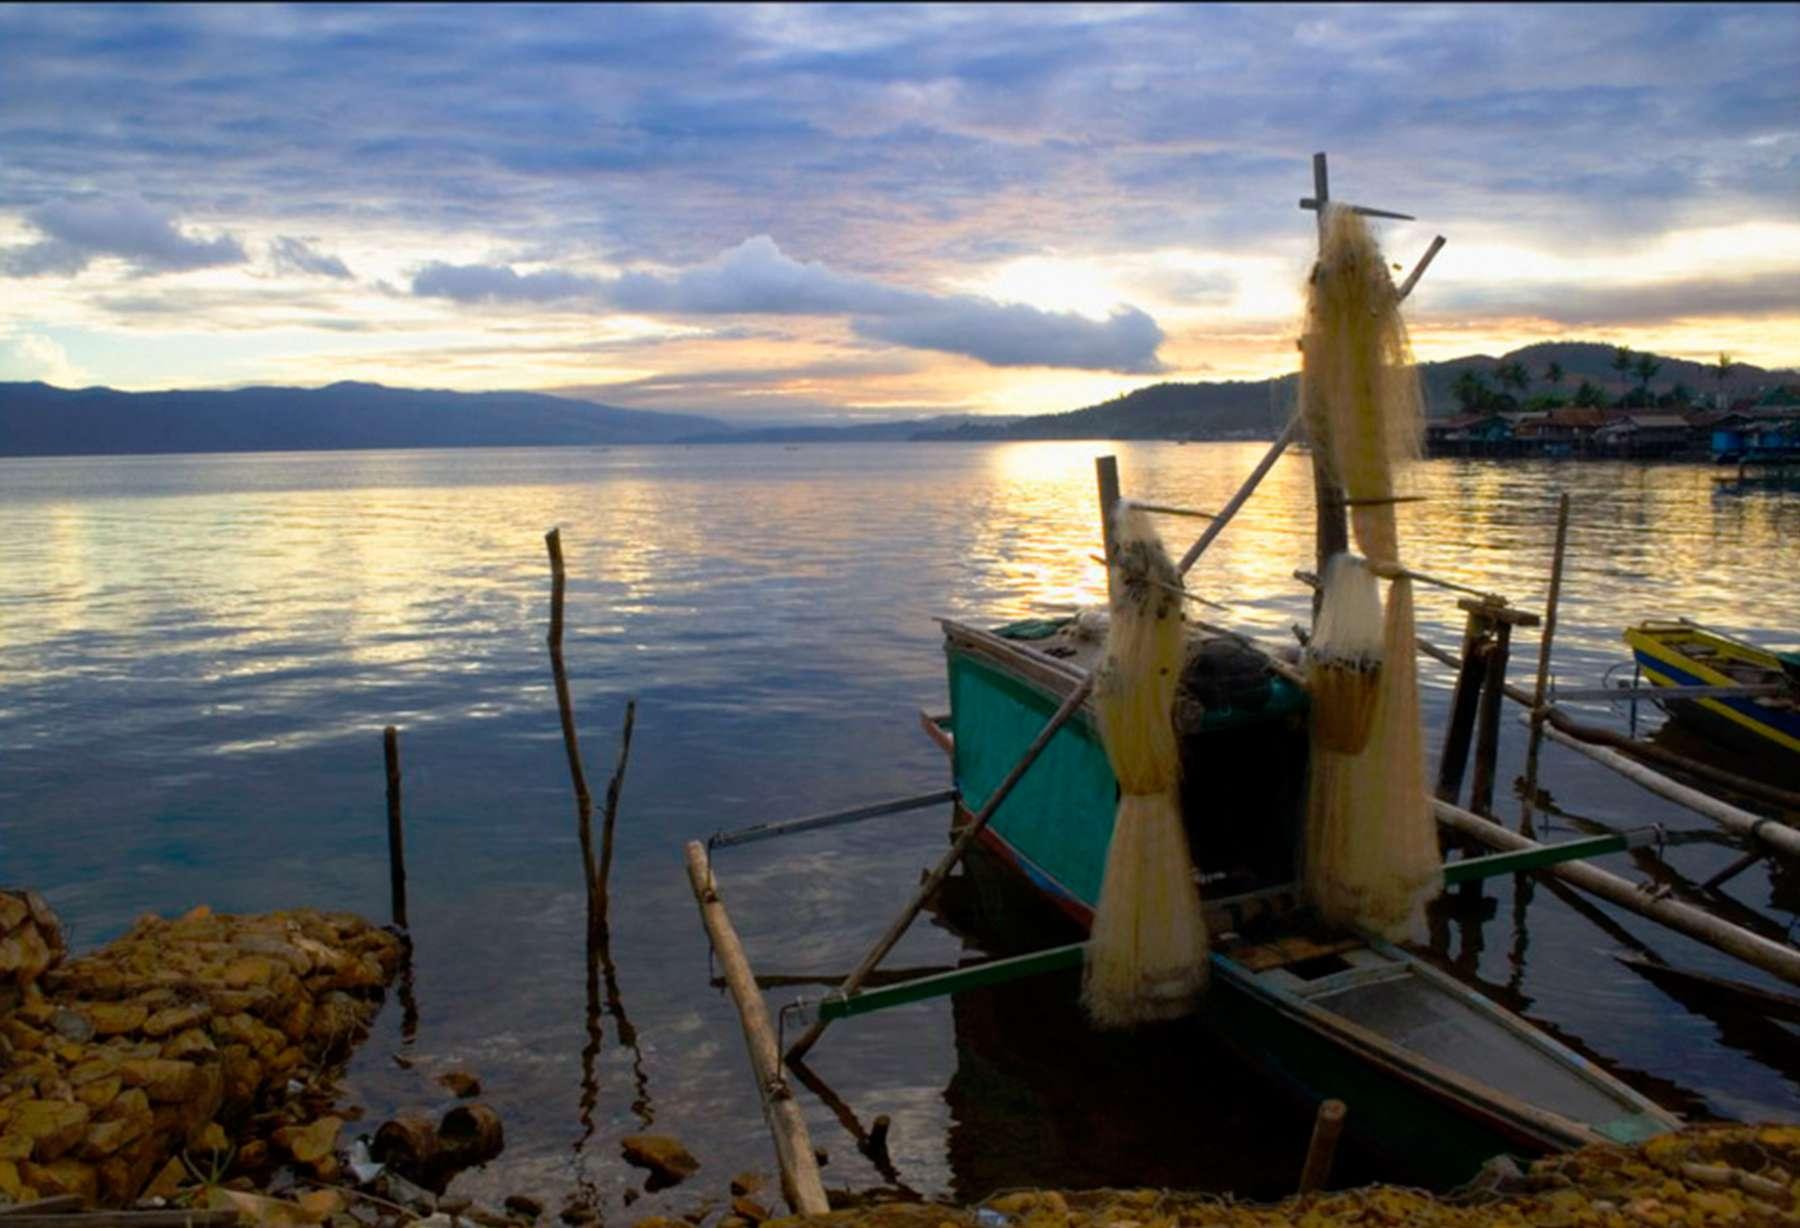 Lake Matano at sunrise